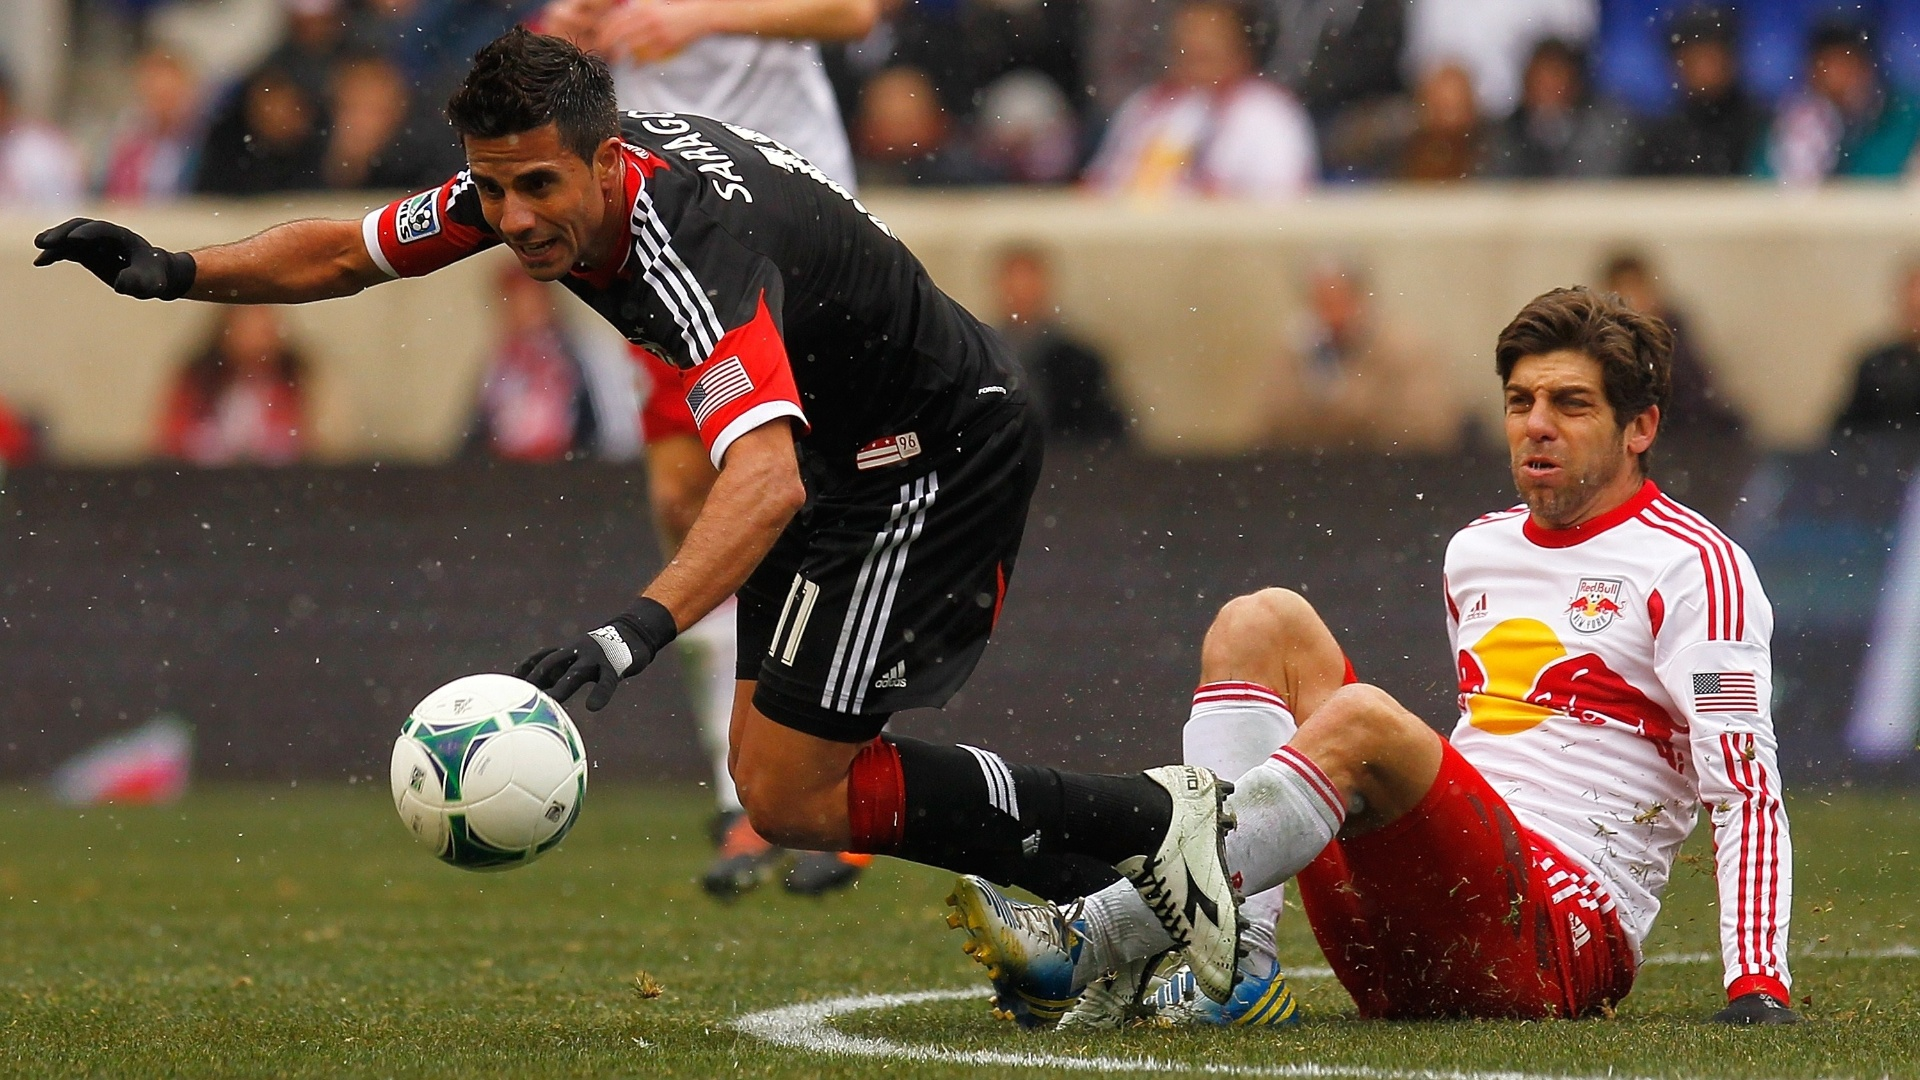 Juninho Pernambucano, ex-Vasco, entrou durante o jogo do New York Red Bulls, que neste sábado ficou no 0 a 0 com o DC United na MLS